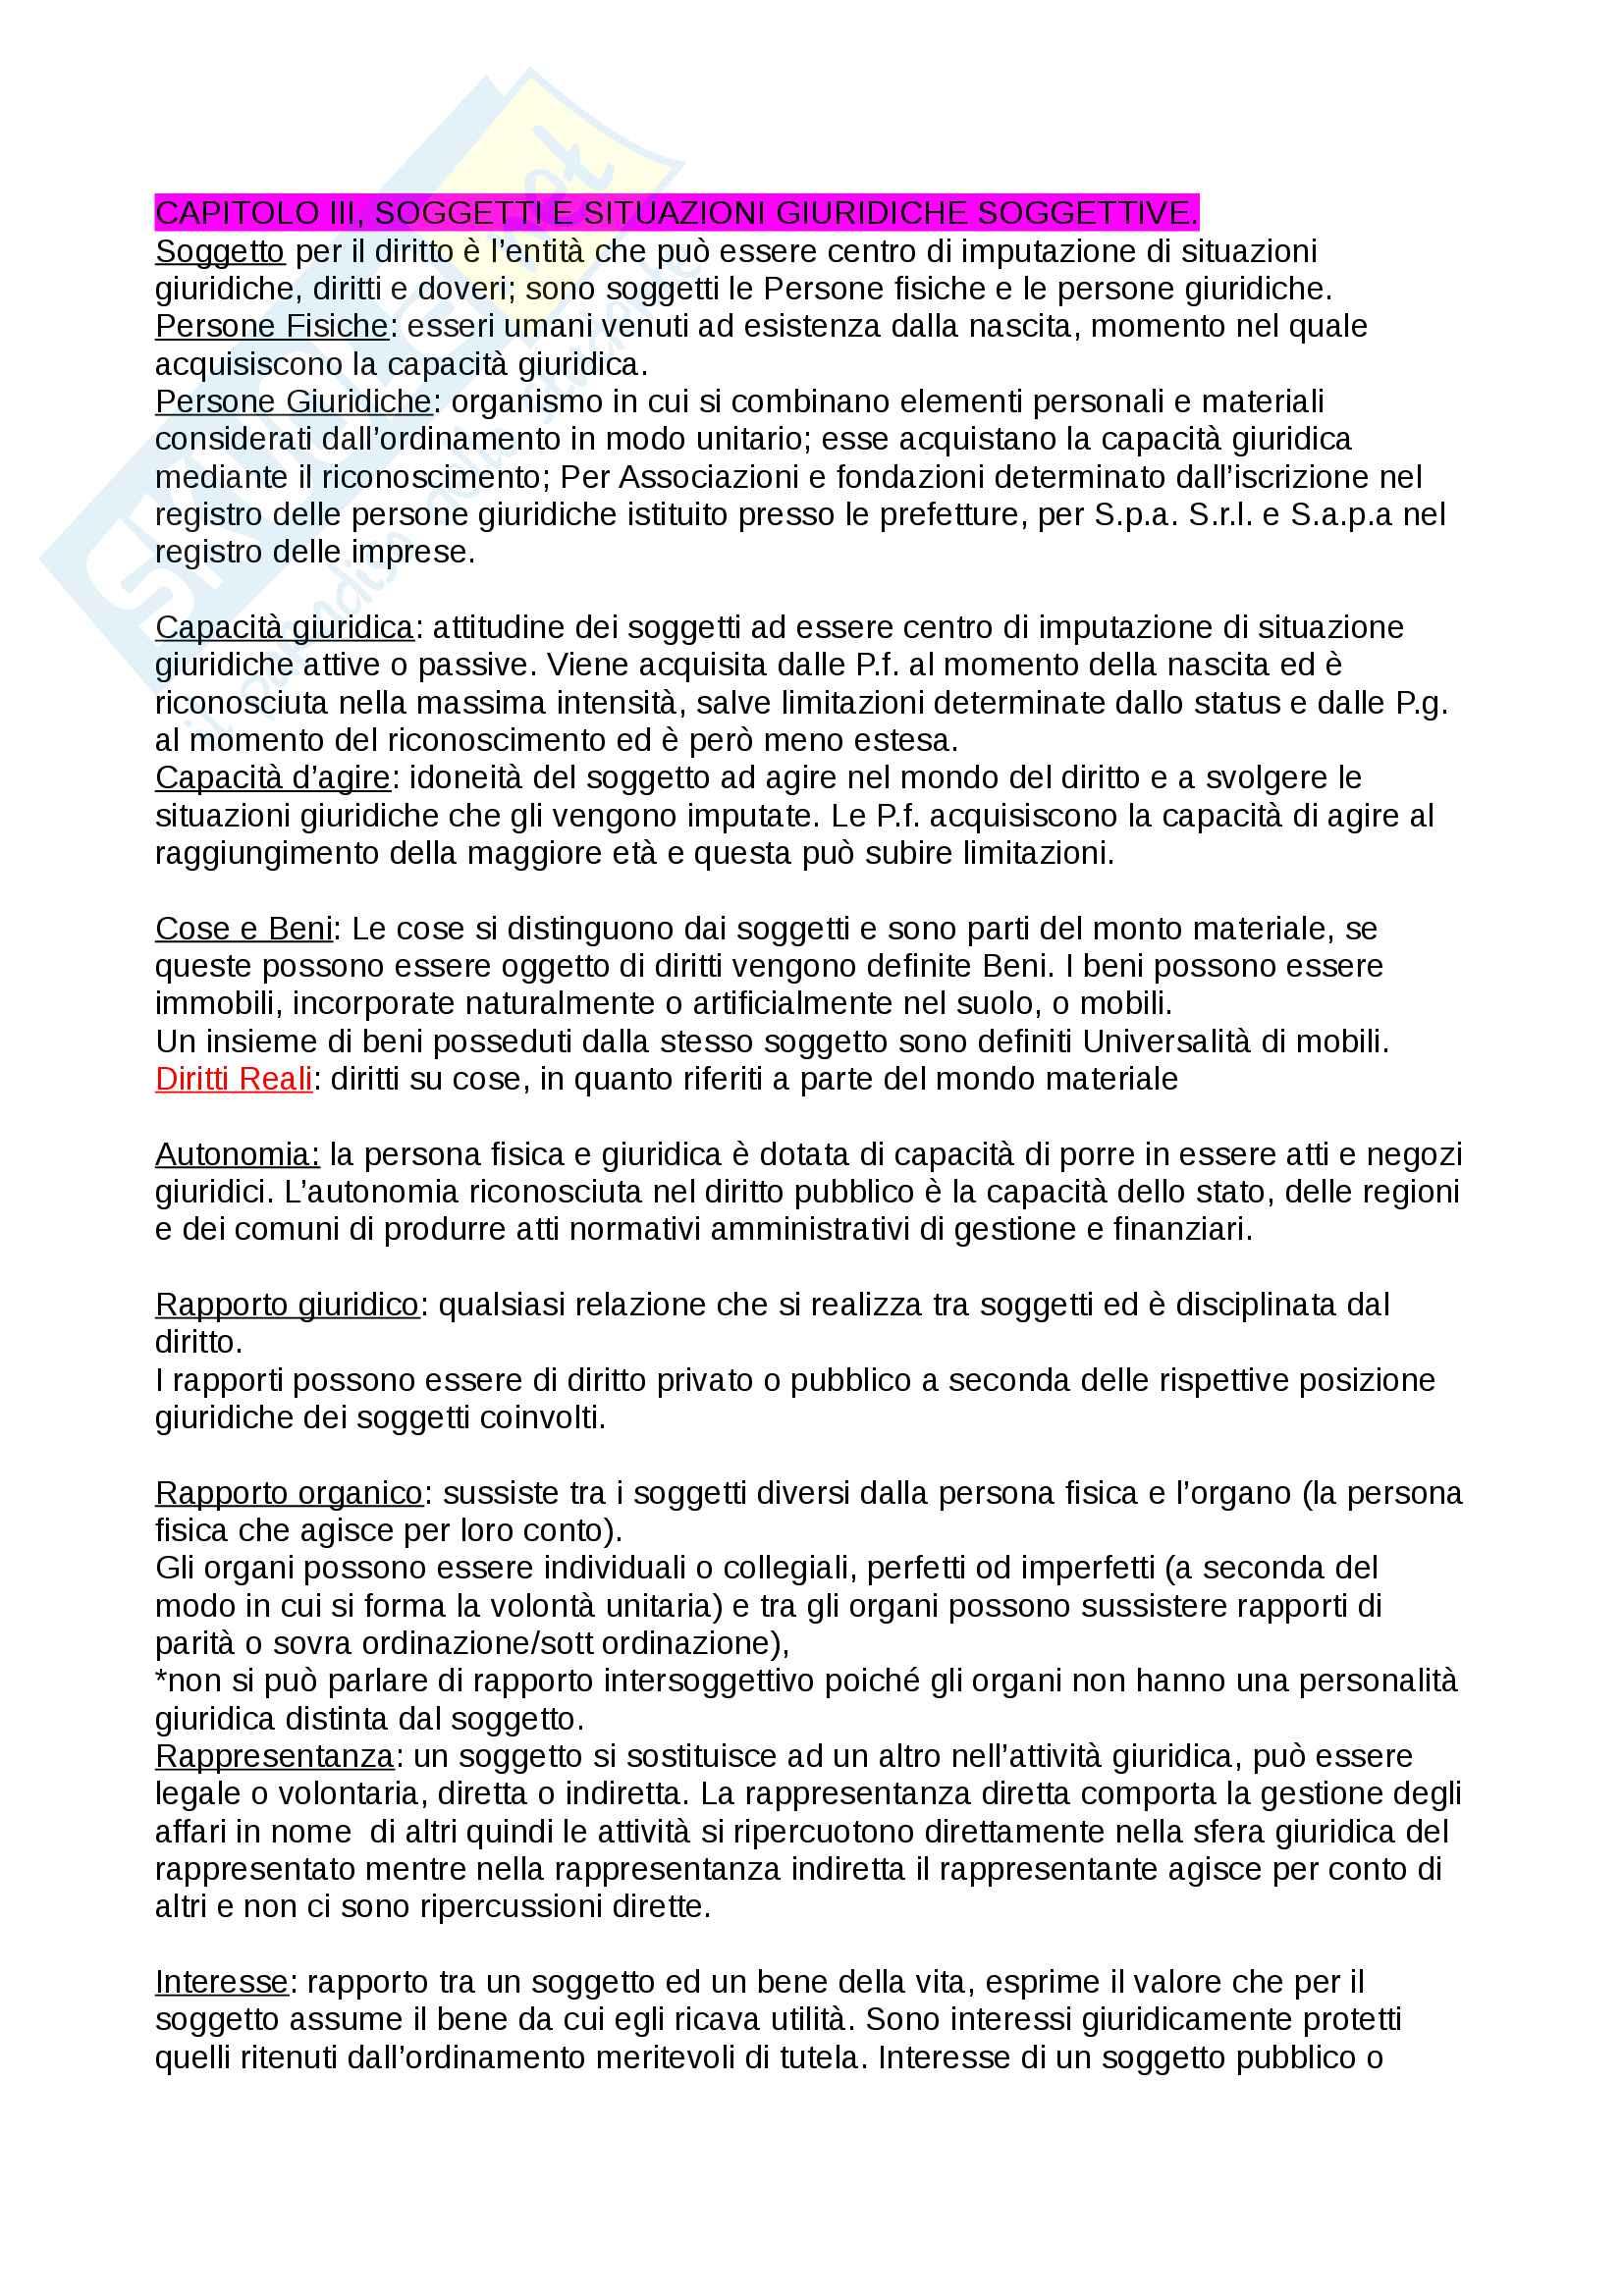 Riassunto esame Diritto pubblico, prof. Pellegrini/Sepe, libro consigliato Manuale di diritto pubblico, Claudio Rossano